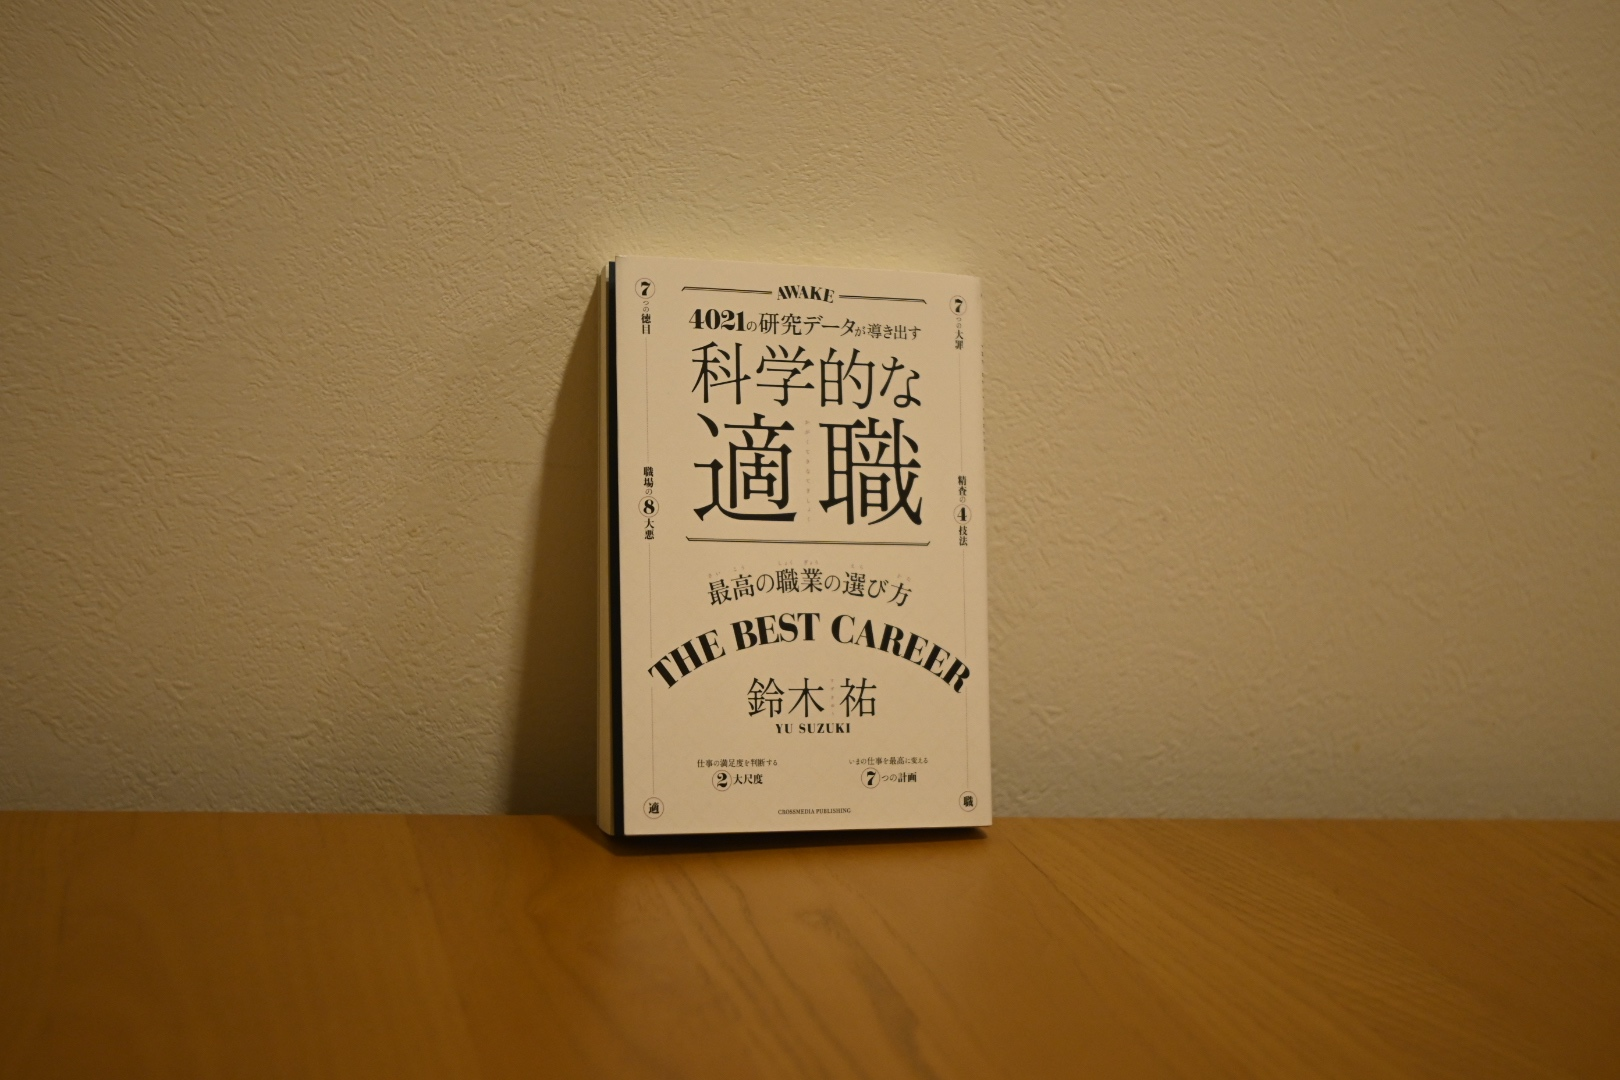 Kagakutekina-tekishoku-review-yu-suzuki-10-10-10-test-1